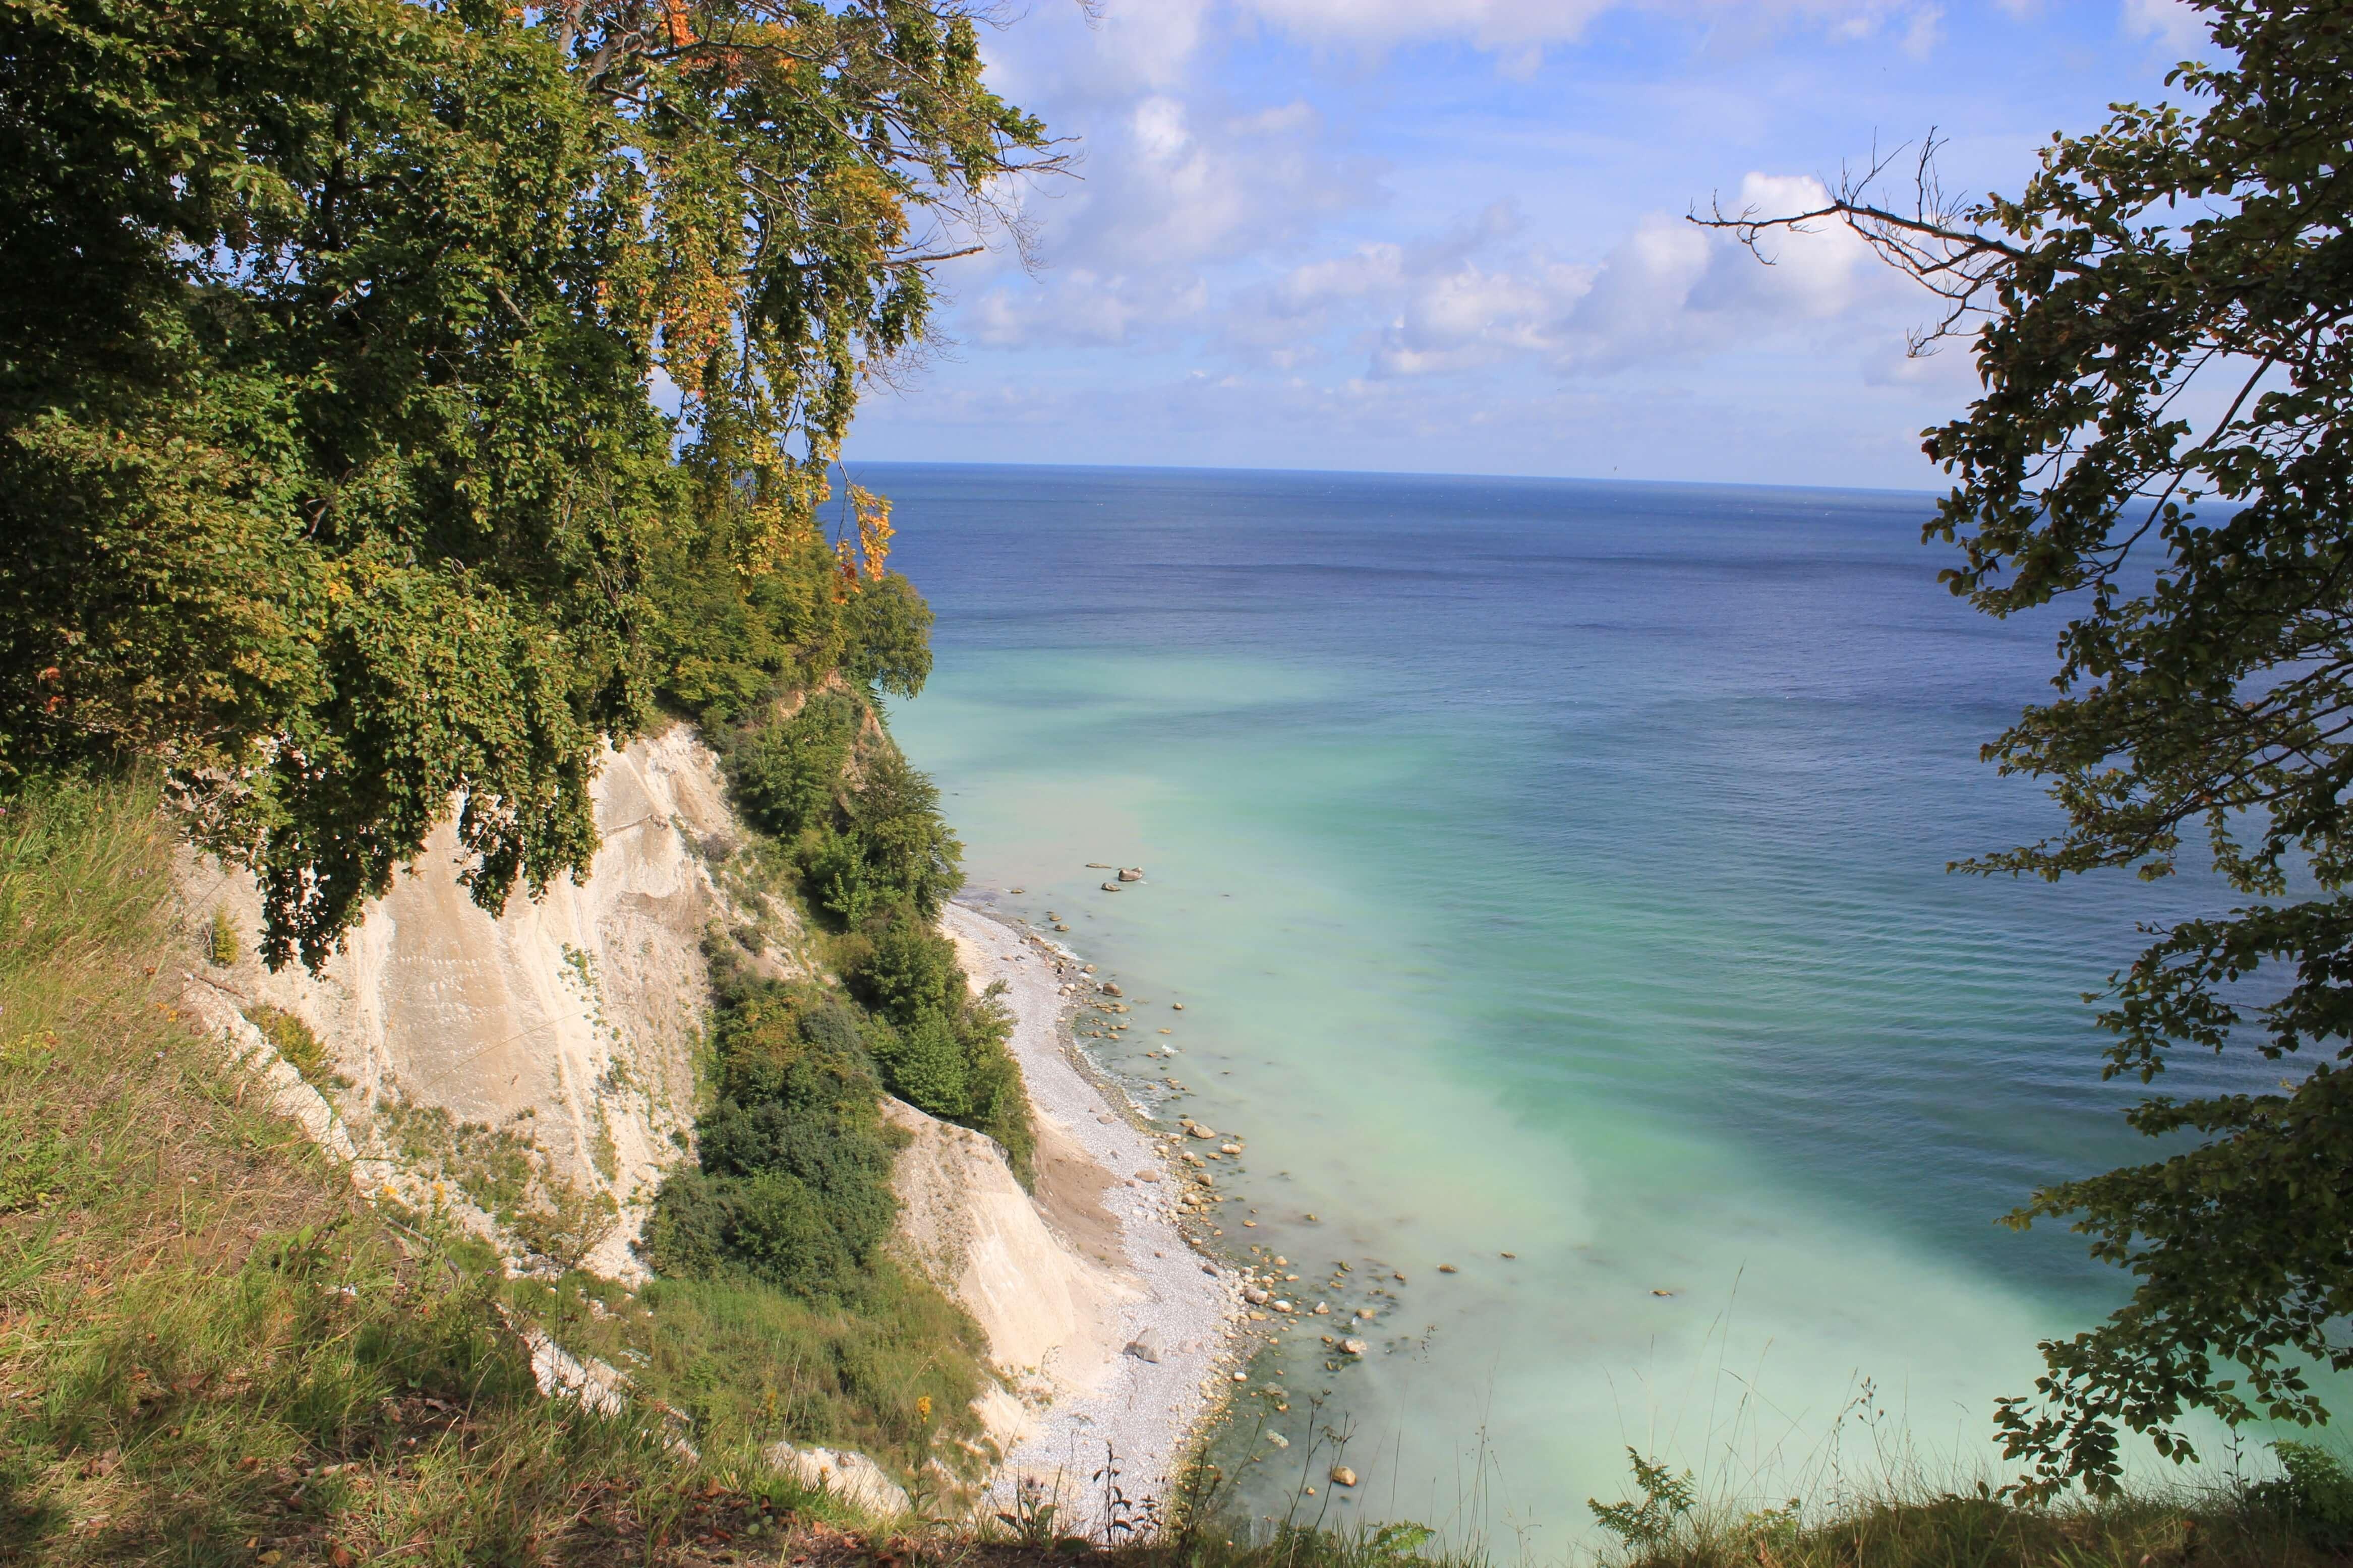 Nationalpark Jasmund - Steilküste auf Rügen